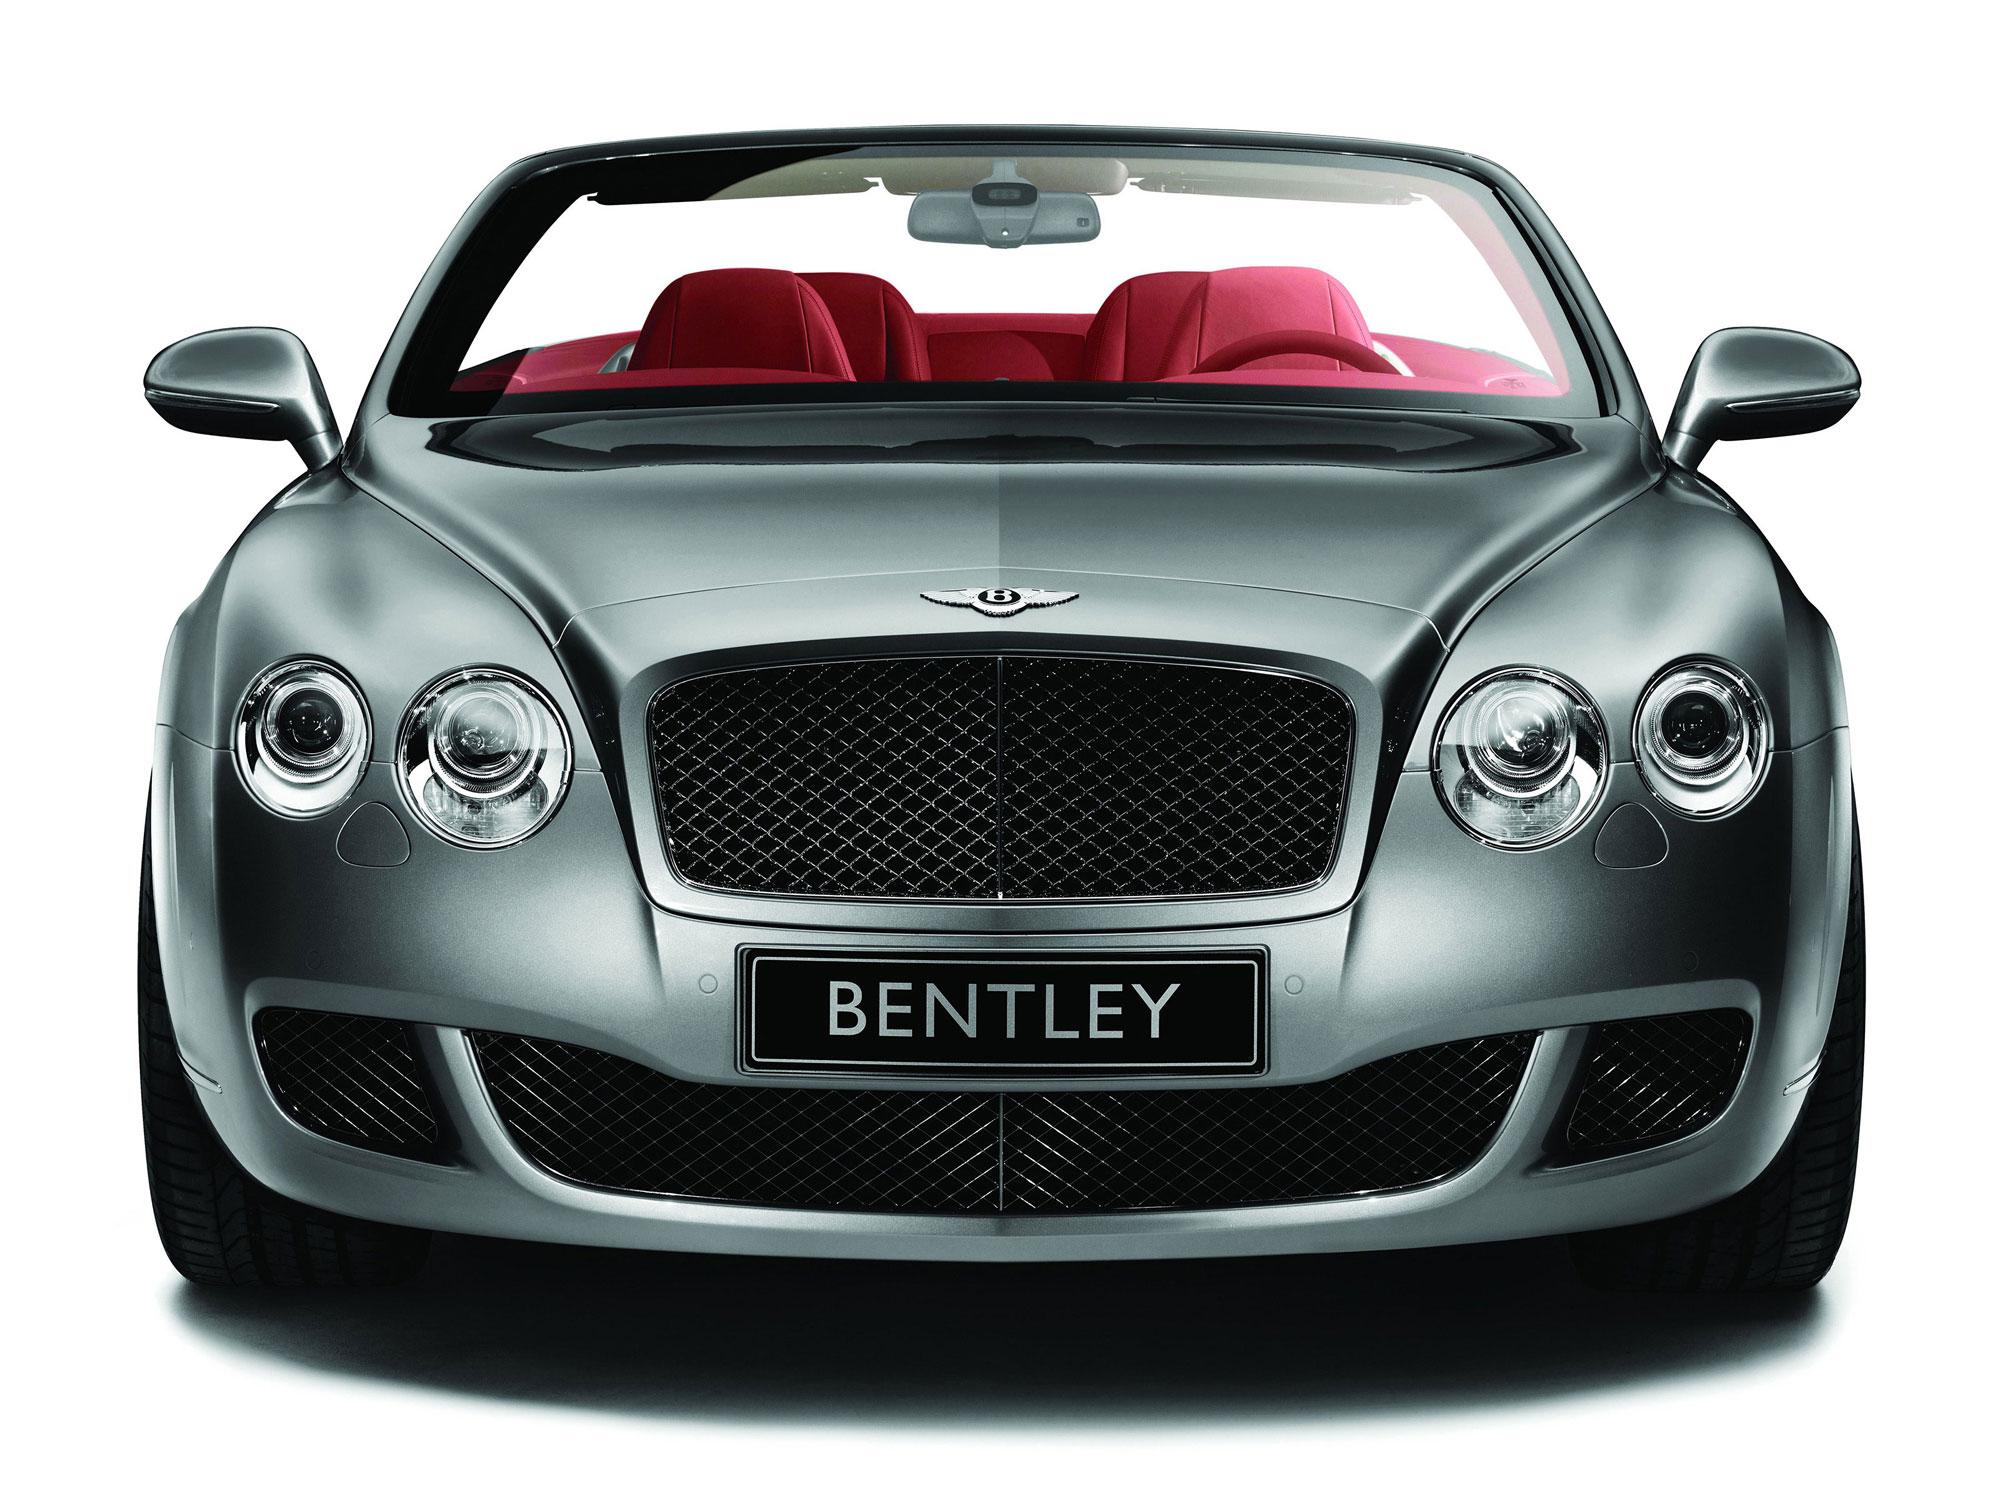 Bentley-Continental-GT-07.jpg